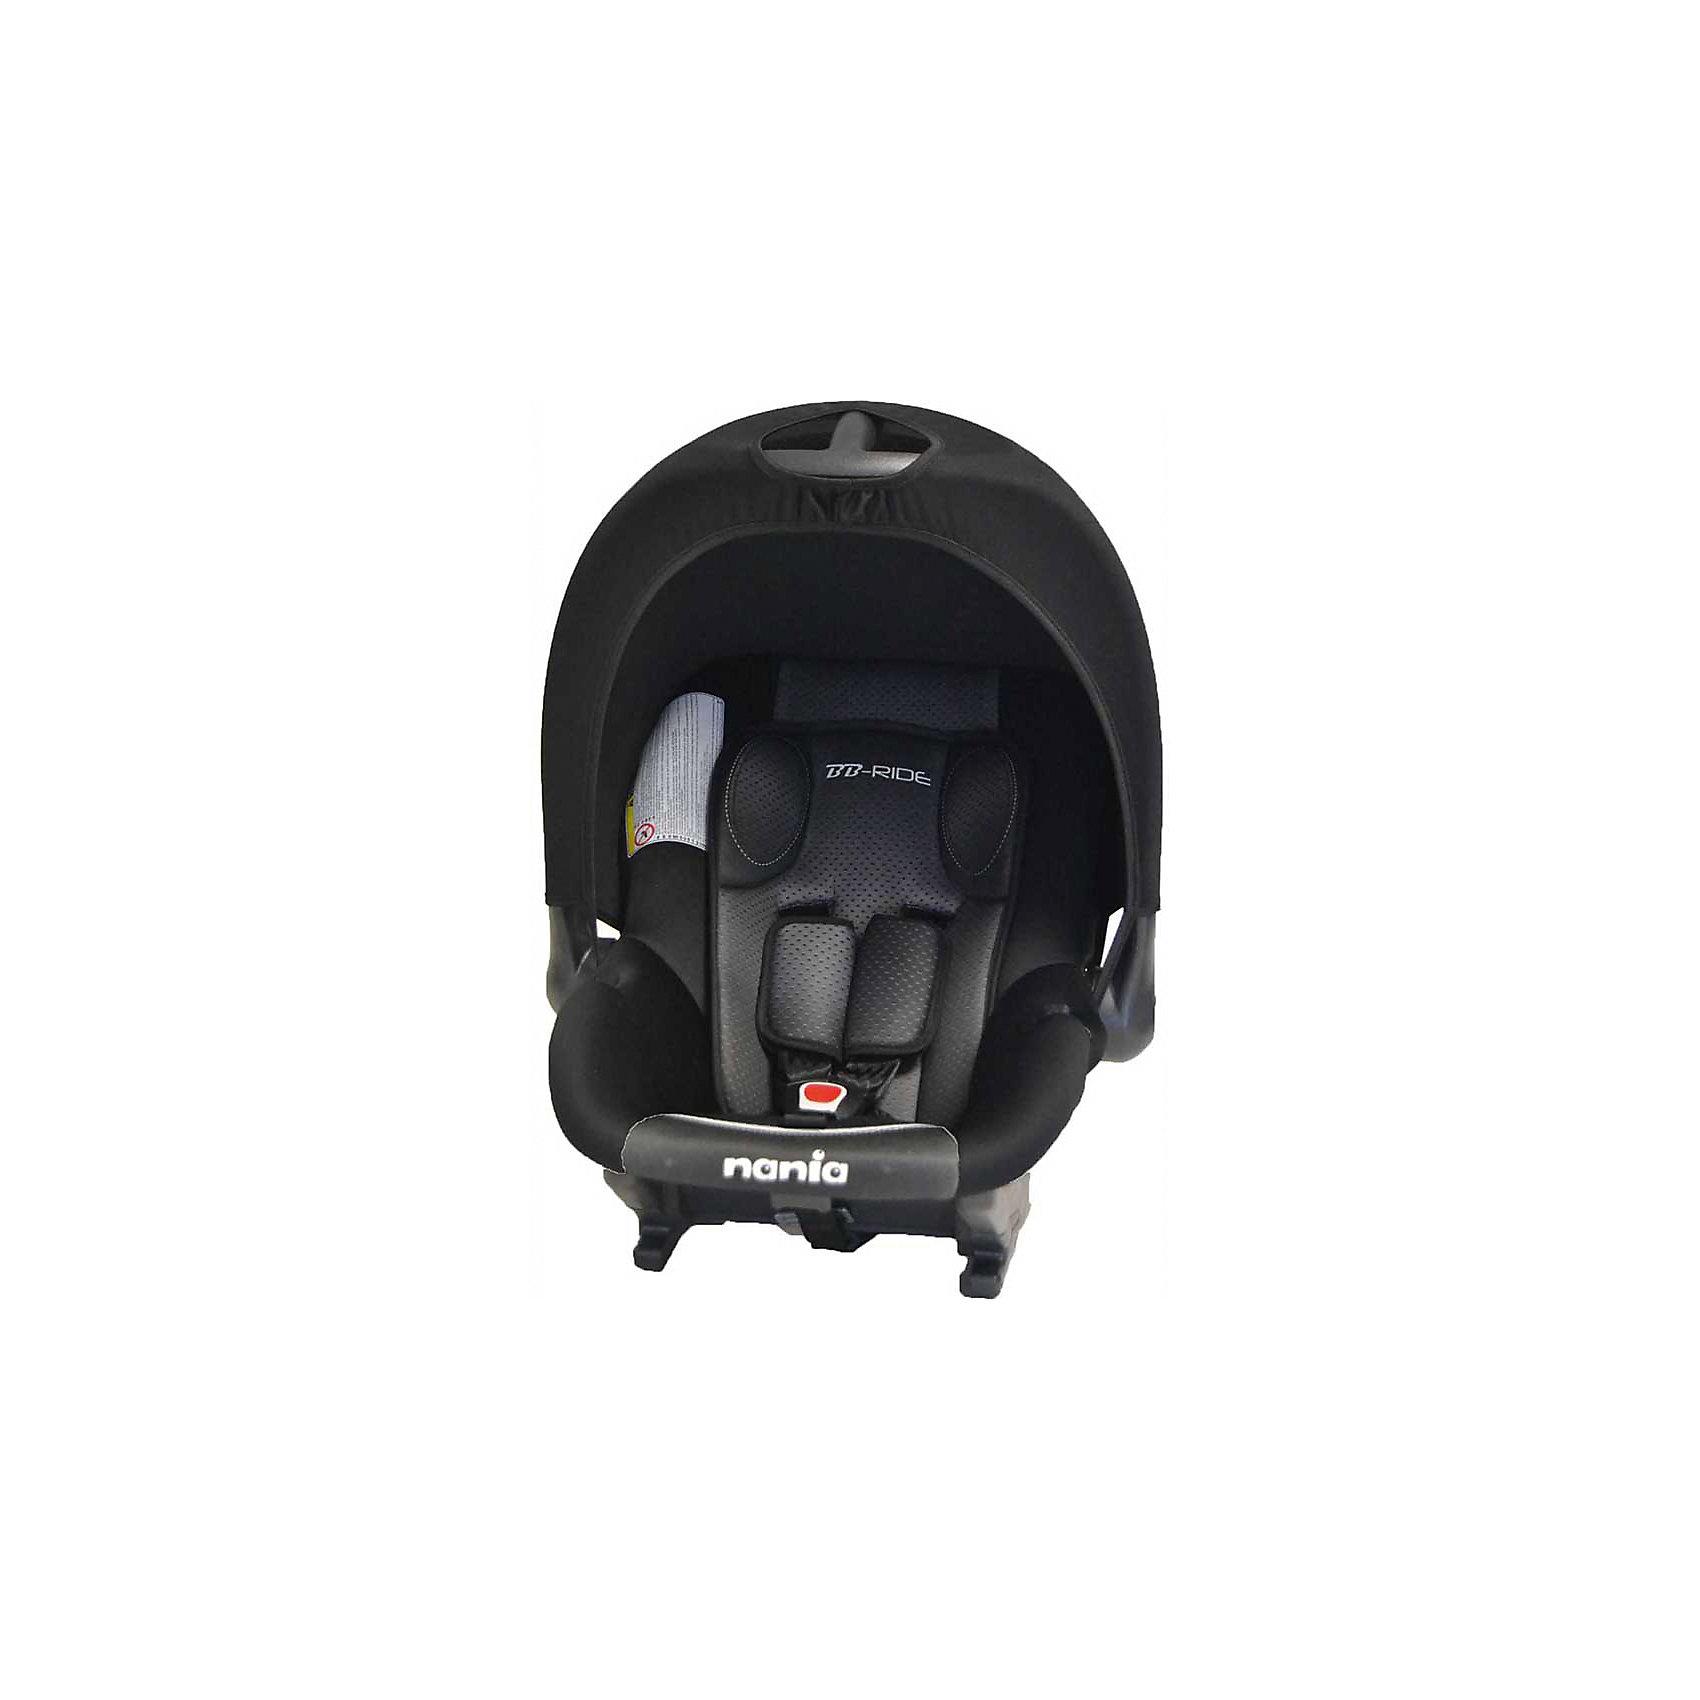 Автокресло Baby Ride 0-13 кг, GRAPHIC, Nania, черный/белыйЭто прекрасное автокресло может стать первым попутчиком Вашего малыша во время автомобильных прогулок!<br>Прочный каркас анатомической формы обеспечит сто процентную защиту малыша. А пятиточечные ремни безопасности с 3 -мя уровнями регулировки по высоте и мягкими плечевыми накладками дополнительно будут защищать ребенка.<br><br>Характеристики:<br>- Группа: 0+( от 0 до 13кг).<br>- 3-точечные ремни безопасности с центральной регулировкой.<br>- Спинка не регулируется.<br>- Съемные и моющиеся чехлы.<br>- Вид крепления: штатным ремнем автомобиля.<br>- Способ установки: на заднем сиденье лицом против направления движения  и на переднем сиденье только в том случае, если подушка безопасности отключена.<br><br>Дополнительная информация:<br><br>- Возраст: от 0 до 9 месяцев.<br>- Материал: пластик, текстиль.<br>- Цвет: черный/белый.<br>- Размер упаковки: 65х44х30 см.<br>- Вес в упаковке: 2650 кг.<br><br>Купить автокресло Baby Ride GRAPHIC, Nania, в цвете черный/белый,  можно в нашем магазине.<br><br>Ширина мм: 650<br>Глубина мм: 440<br>Высота мм: 300<br>Вес г: 2650<br>Возраст от месяцев: 0<br>Возраст до месяцев: 12<br>Пол: Унисекс<br>Возраст: Детский<br>SKU: 4828299